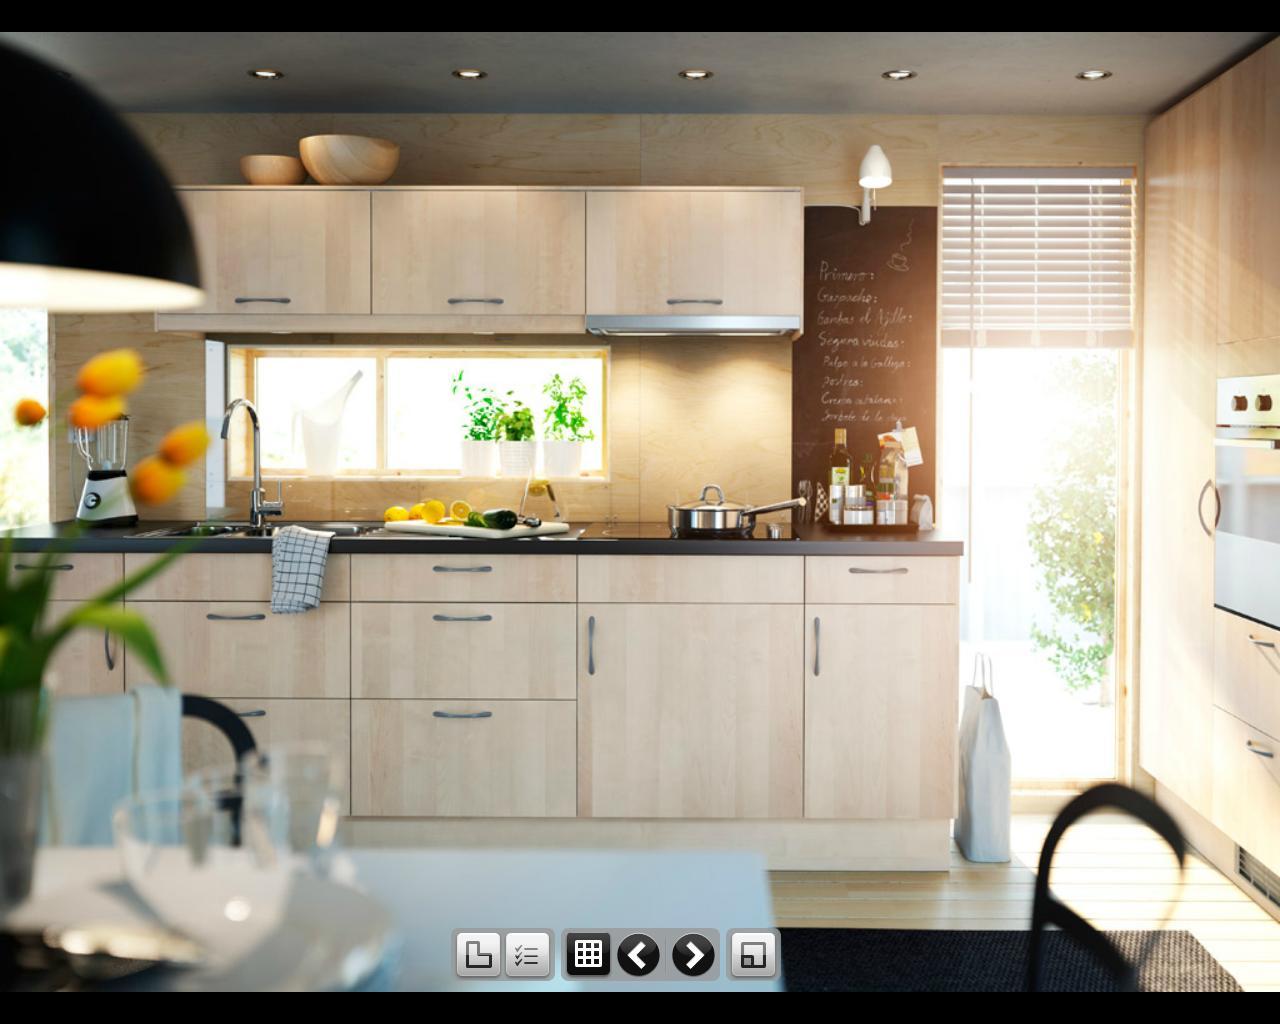 Cozinhas Ikea #AC751F 1280 1024